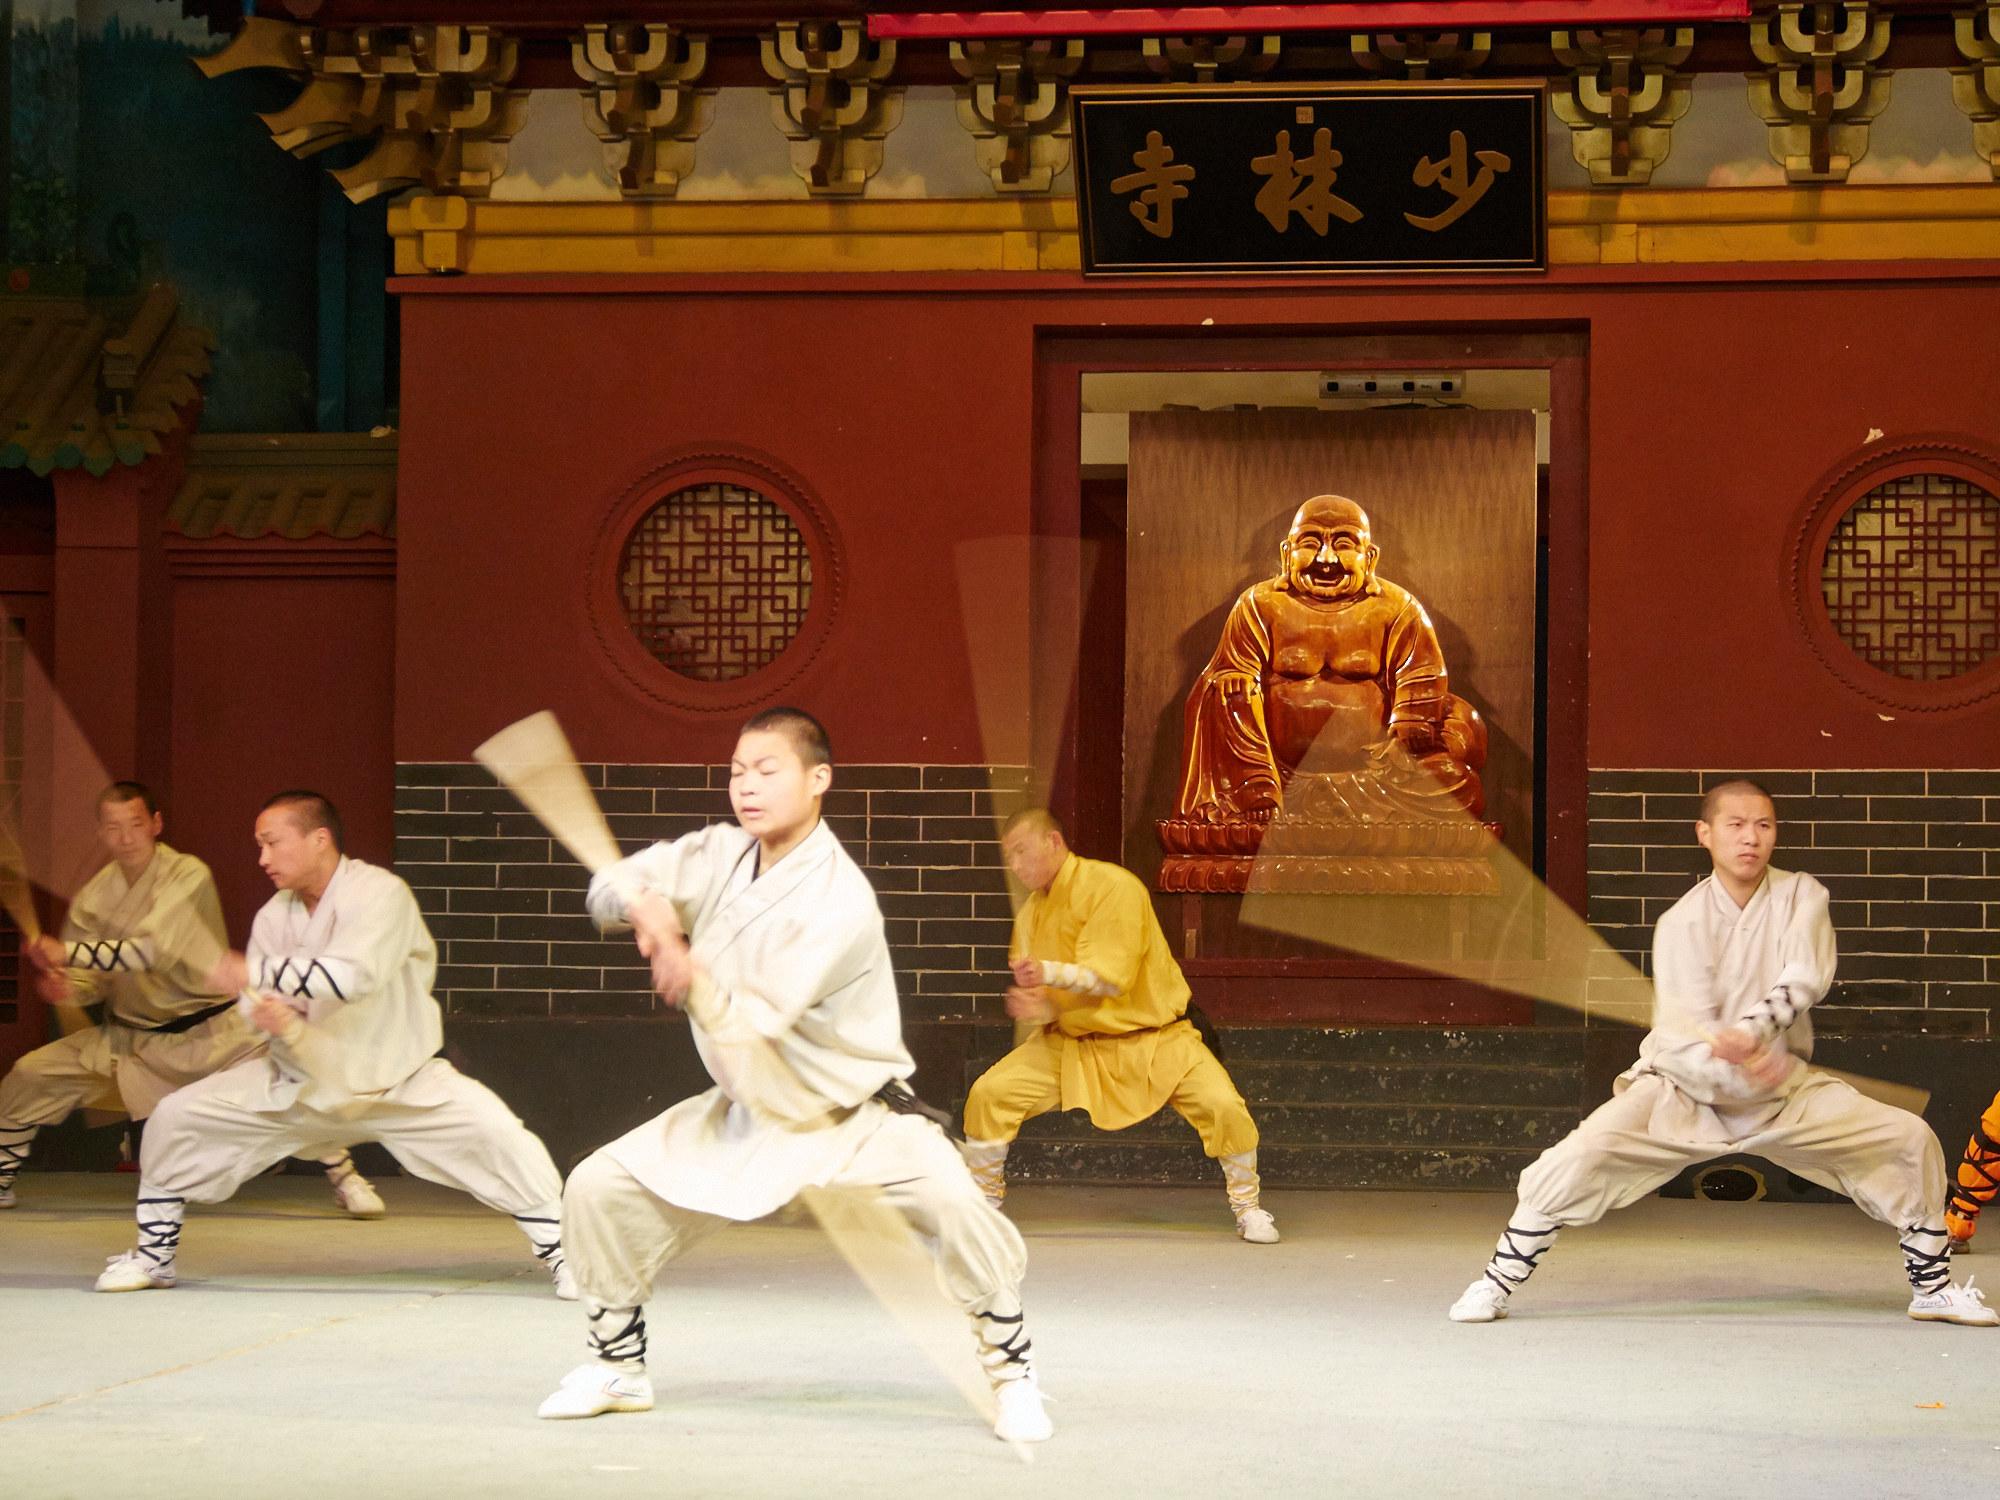 Еще об отношении боевых искусств к религии на Востоке